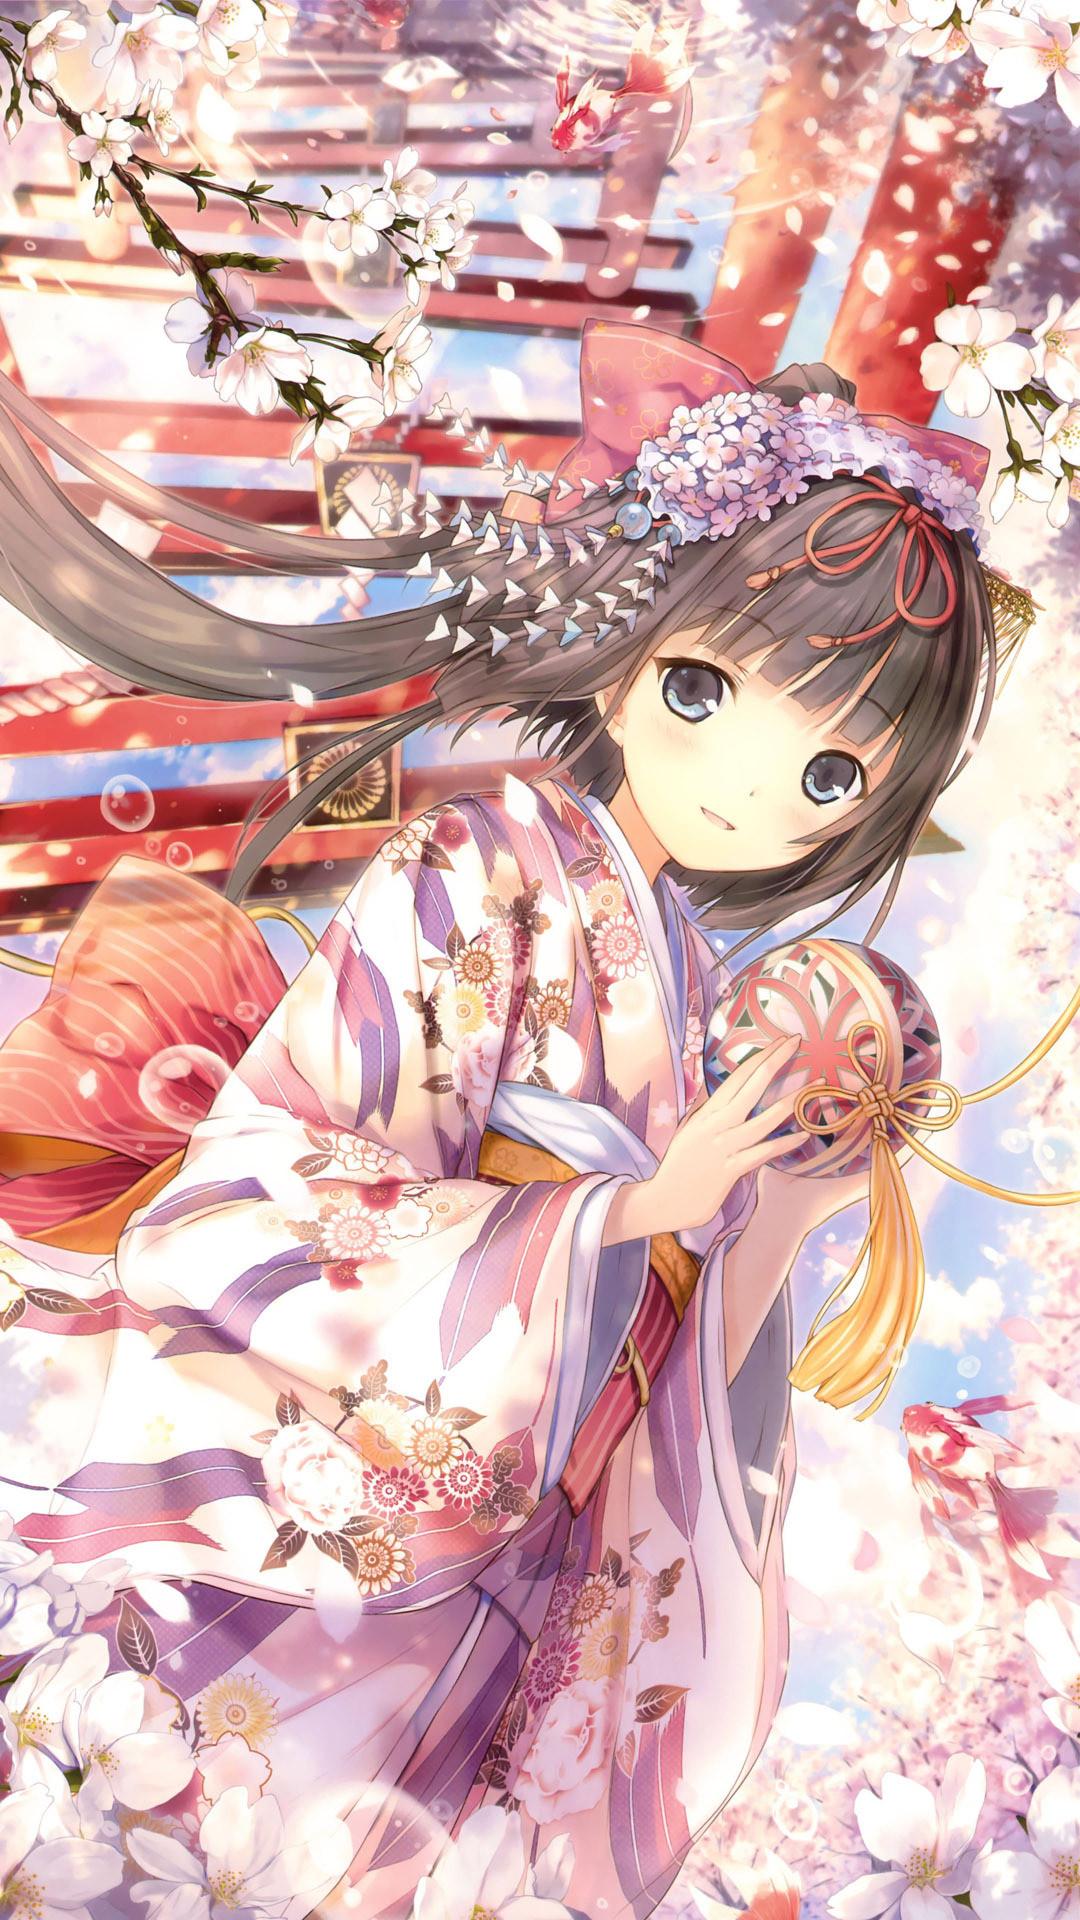 … Geisha among cherry blossoms Anime mobile wallpaper